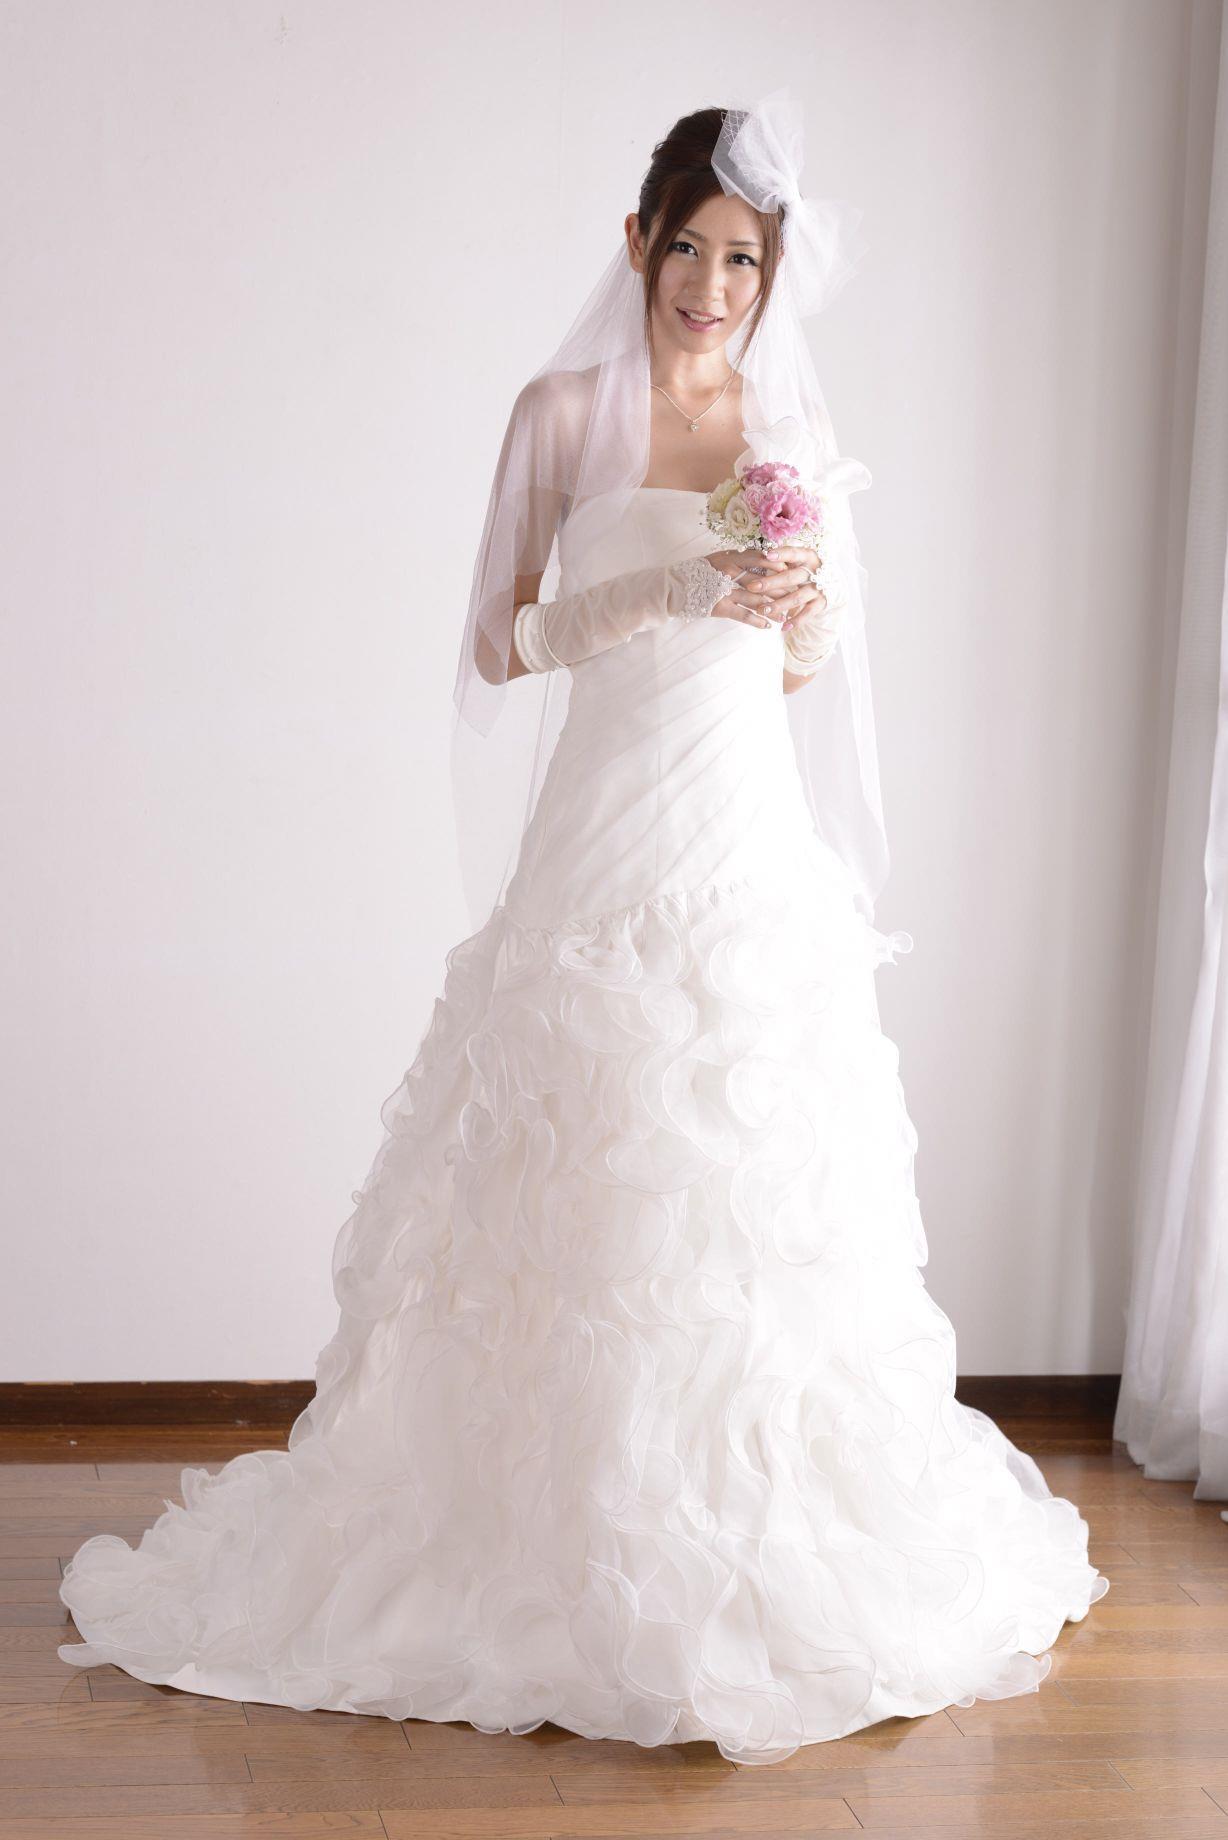 前田かおり ウェディングドレス画像 9